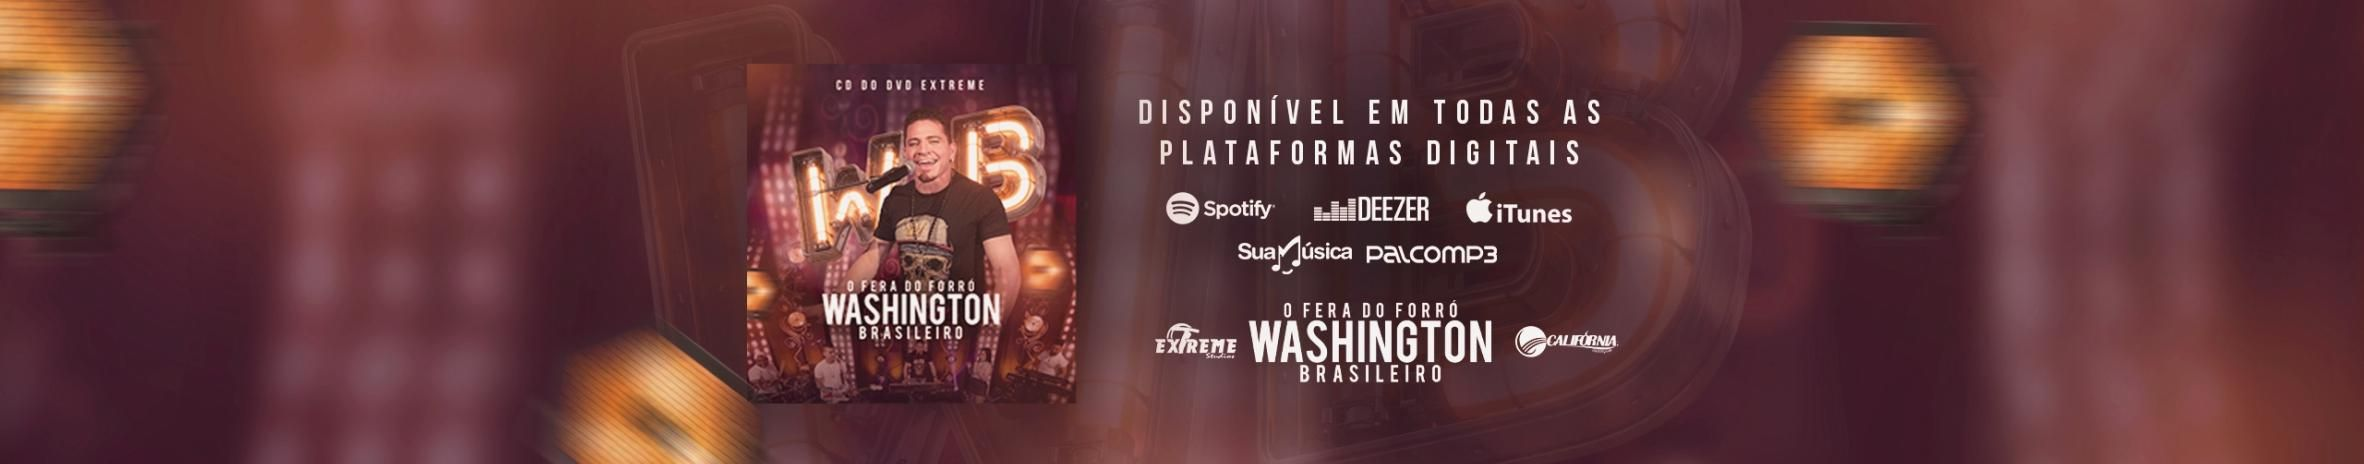 Washington Brasileiro - Palco MP3